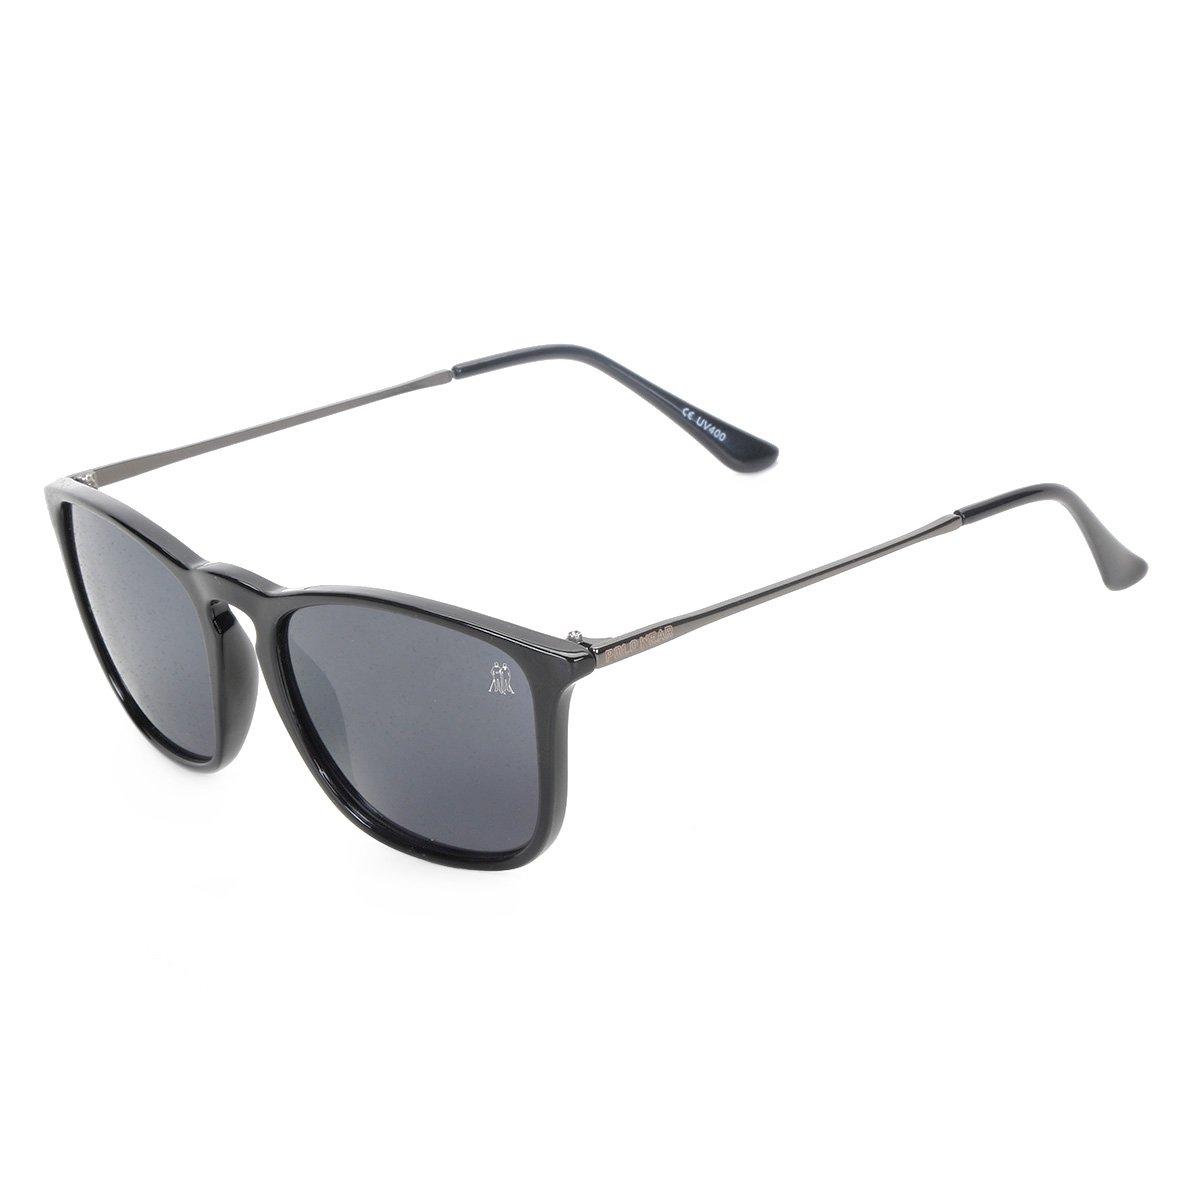 Óculos Solar Polo Wear Quadrado Mg0537-C2 Masculino